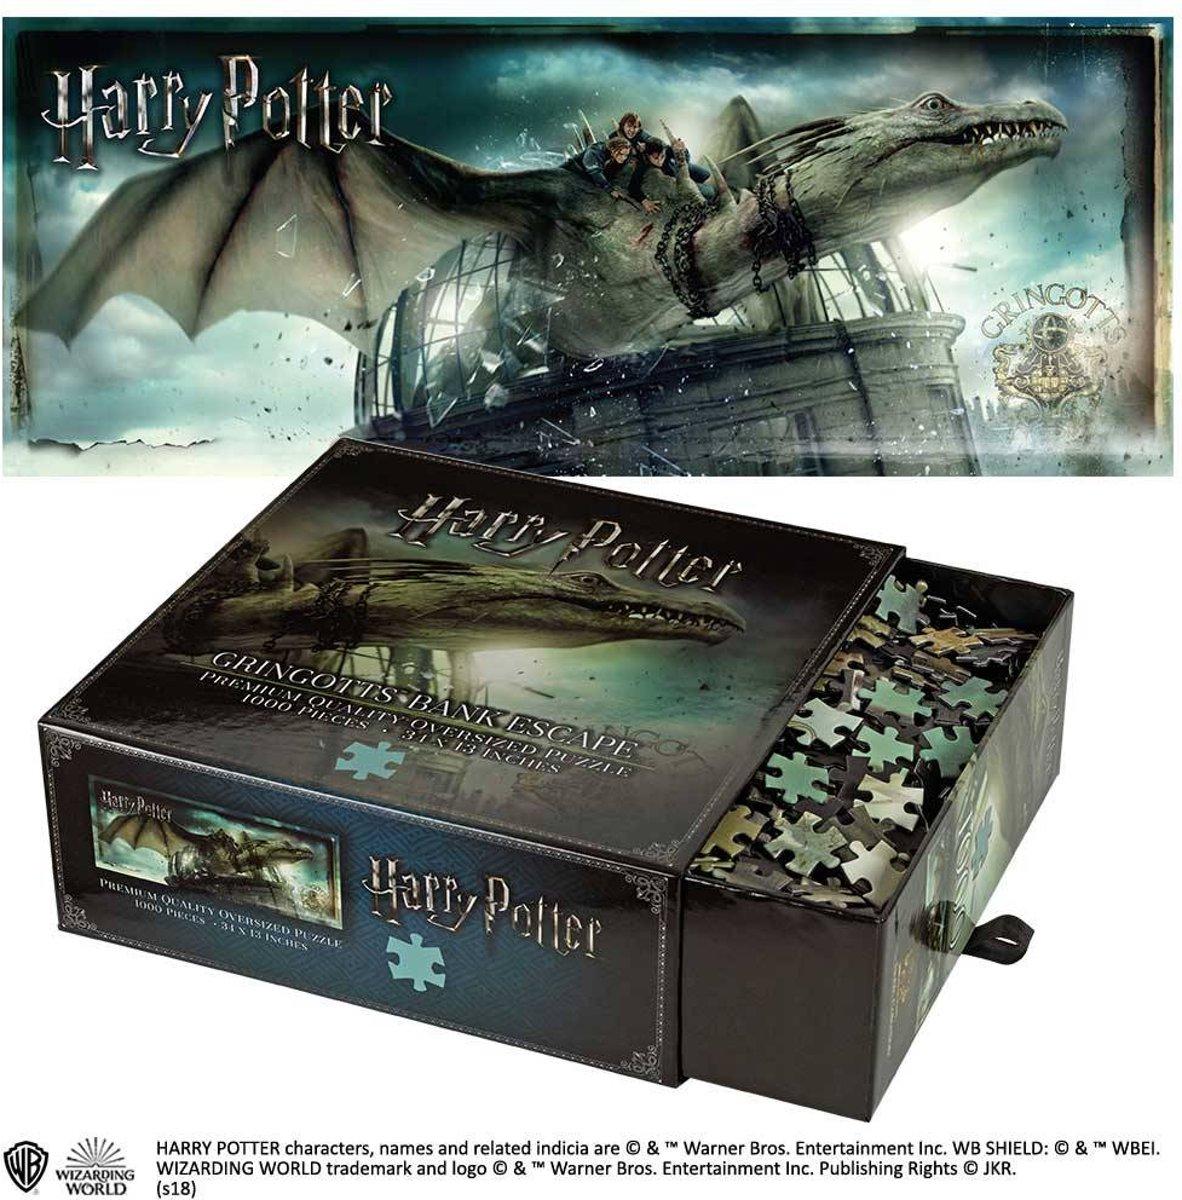 Harry Potter: Gringotts Bank Escape Puzzle kopen